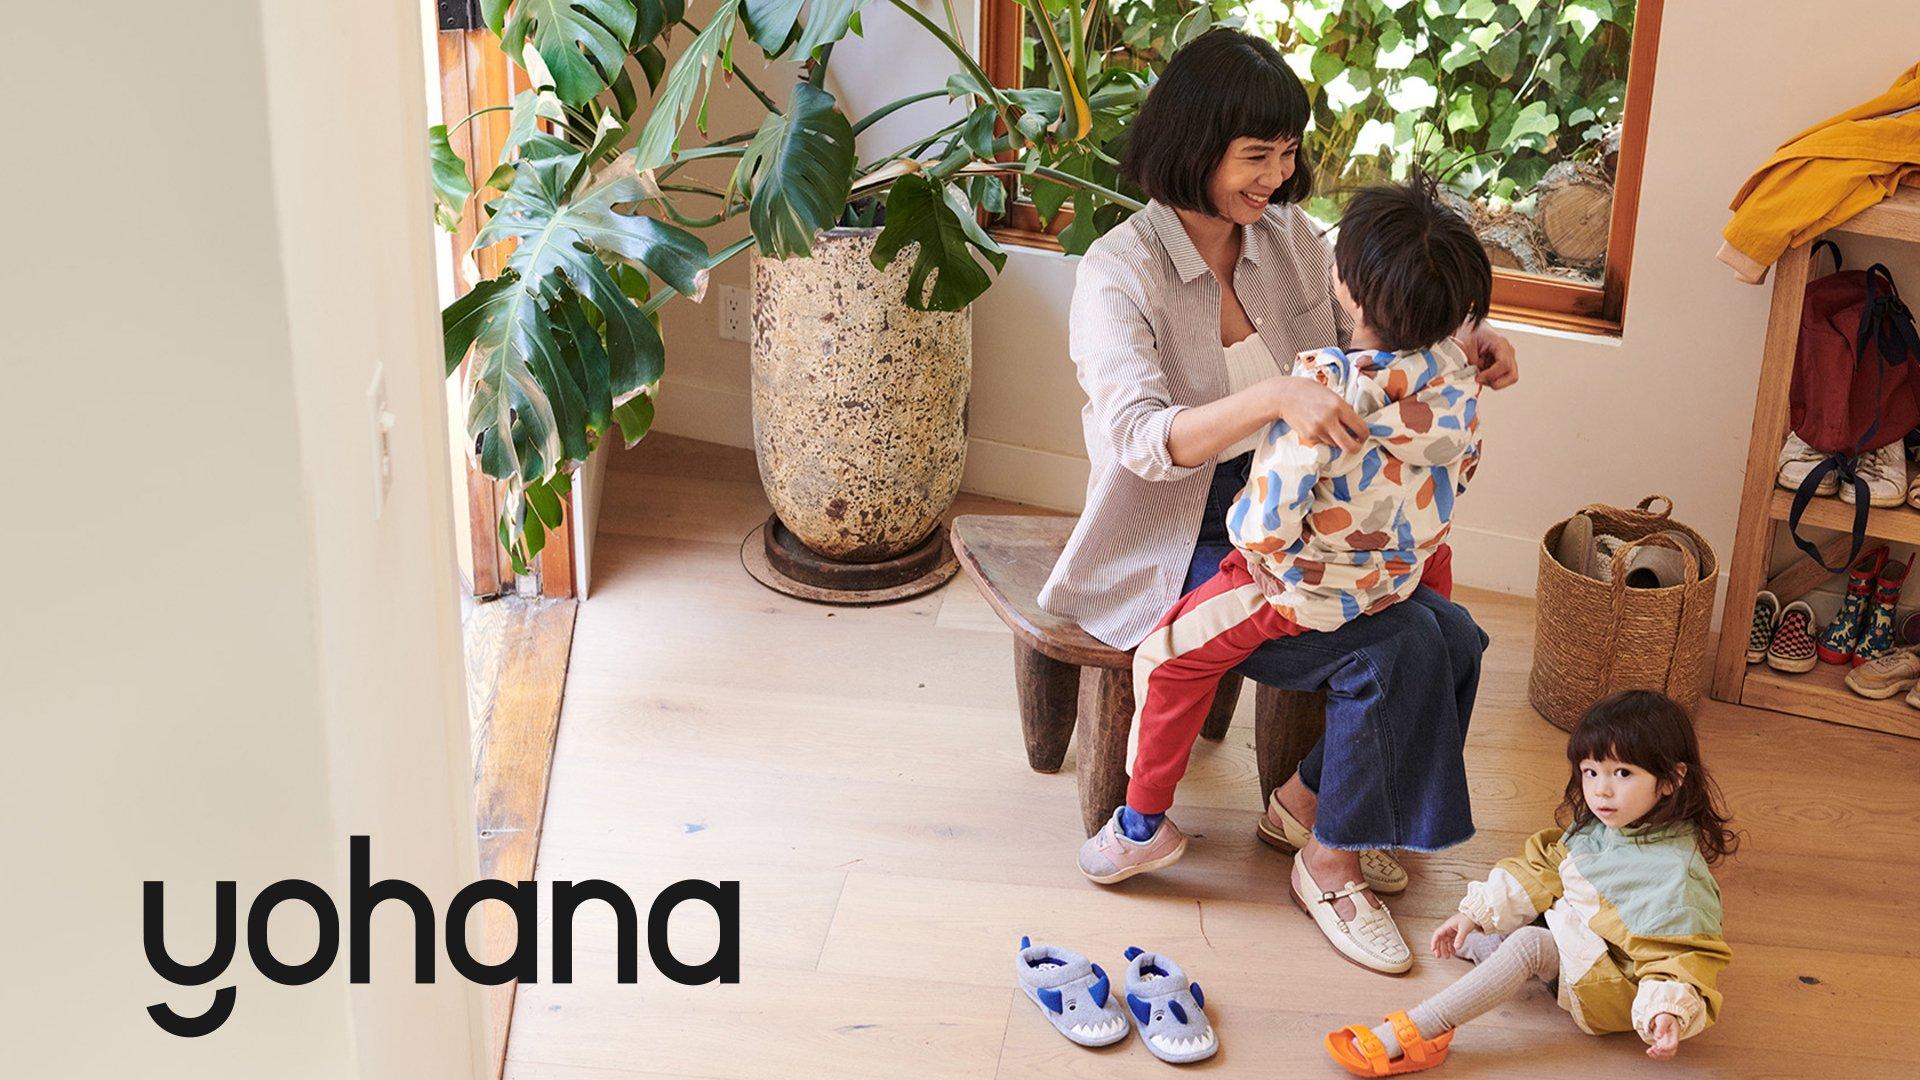 「働く親」の負担を軽減するために 「Yohana」がパーソナルアシスタントサービスを米国でスタート